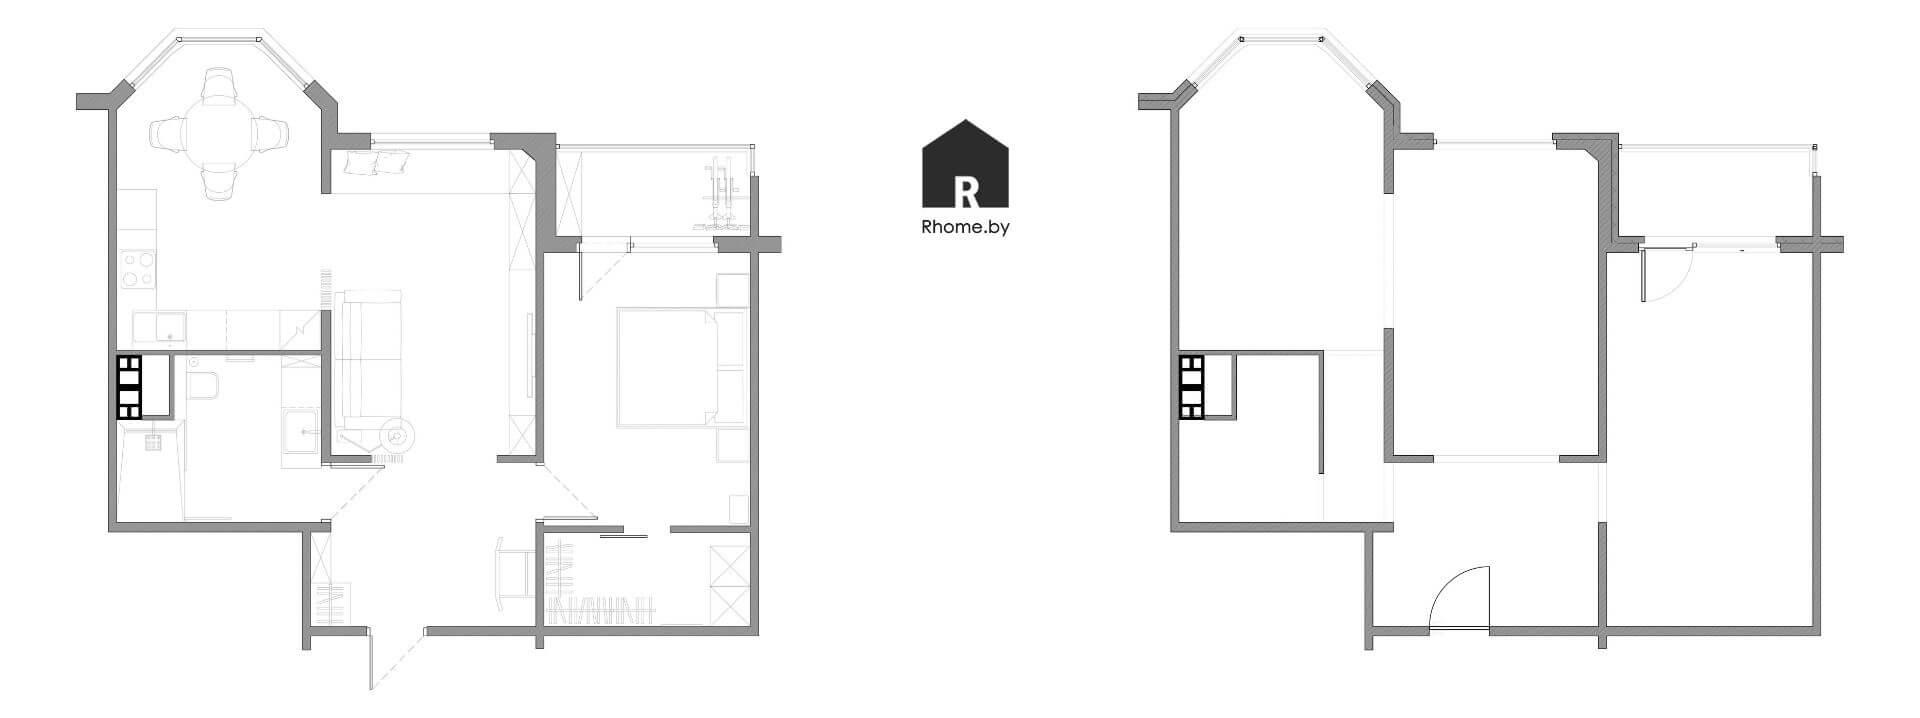 Планировка квартиры в Новой Боровой на улице Небесная